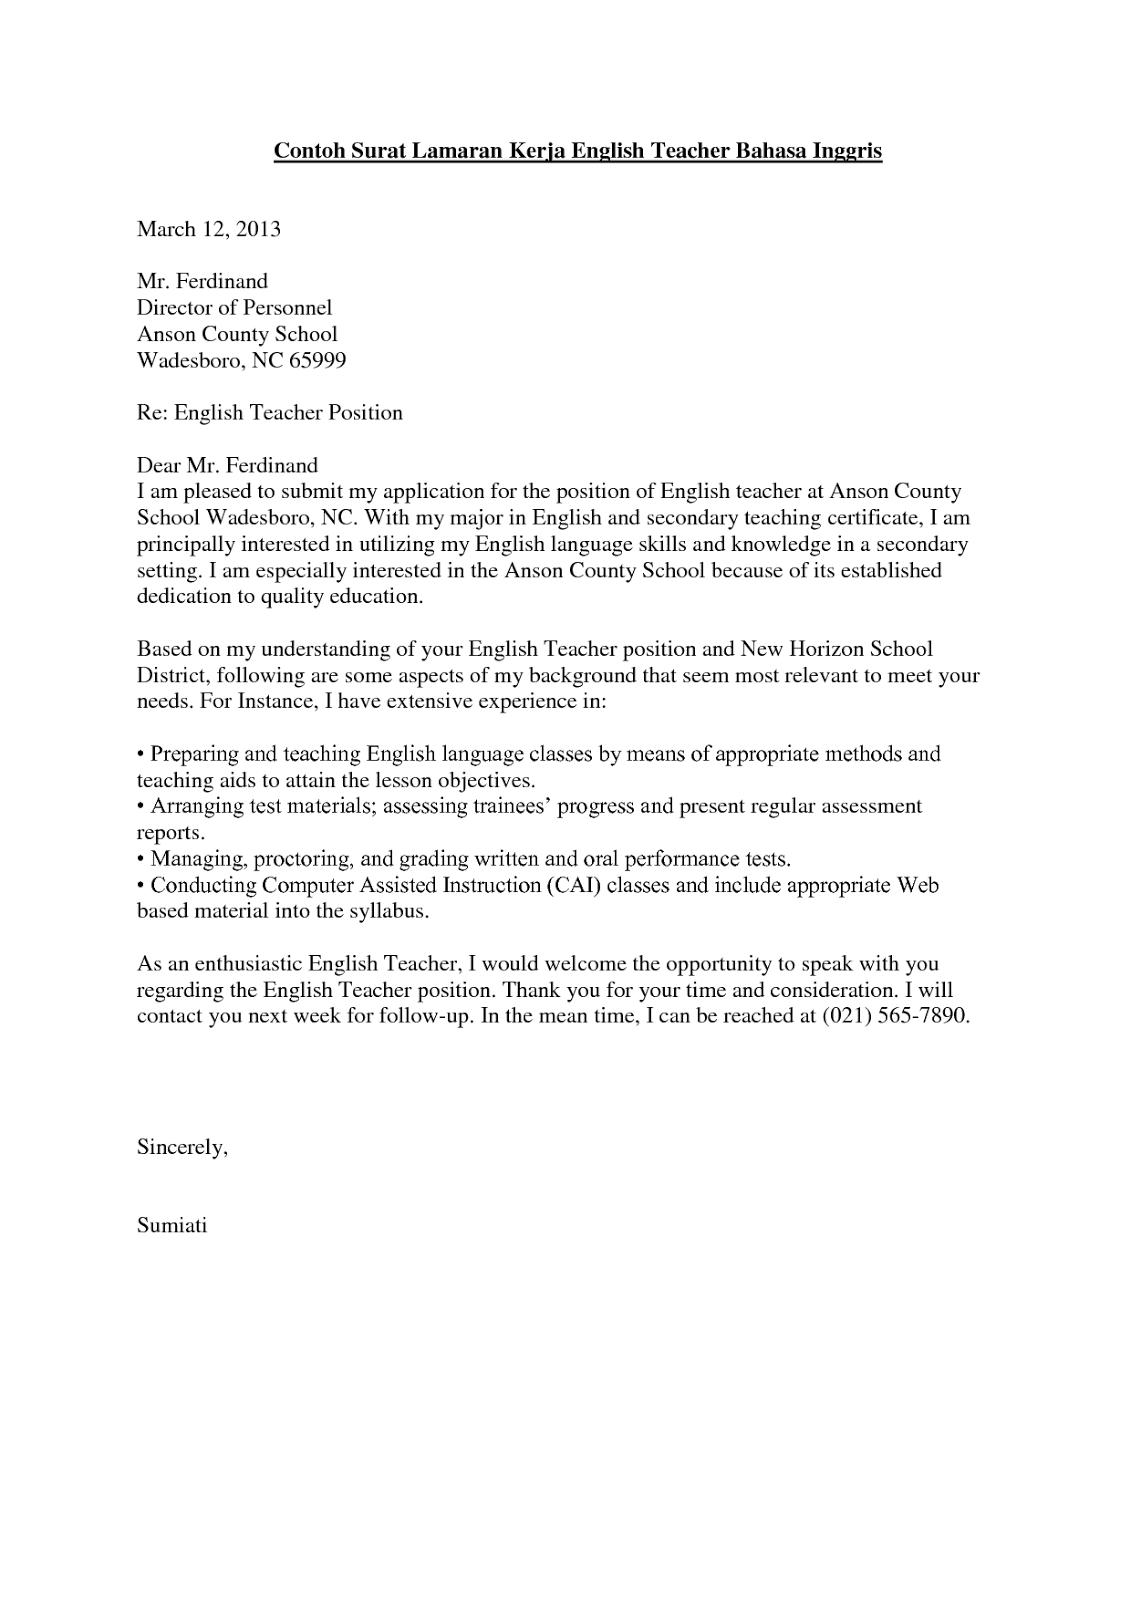 Surat Lamaran Kerja Guru Bahasa Inggris Guru Bahasa